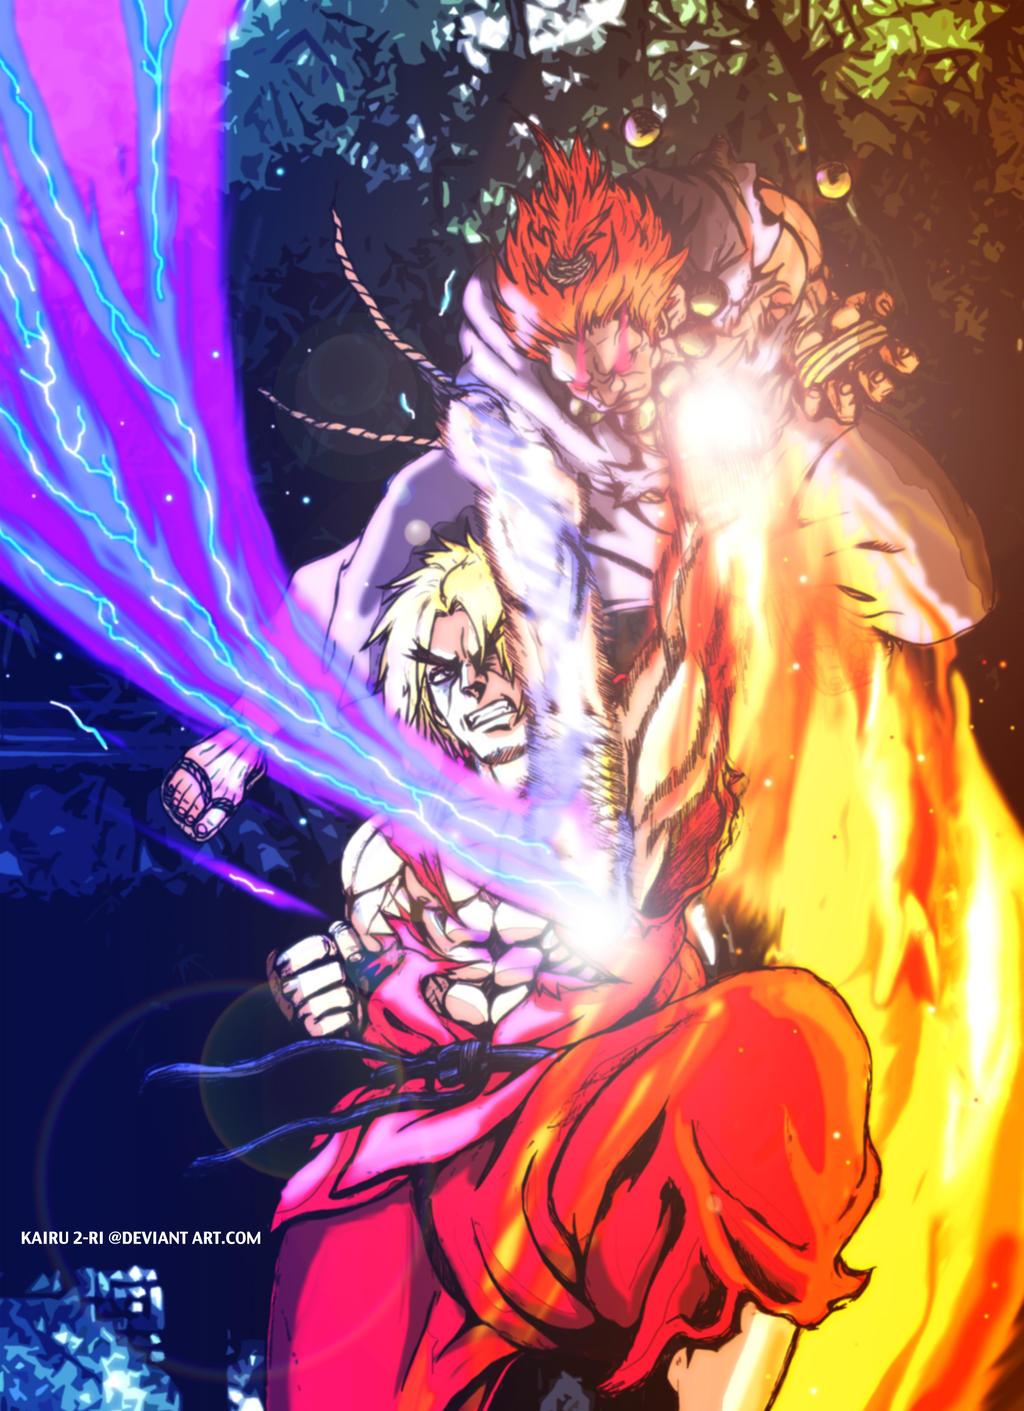 Ken versus Gouki by KAIRU-2RI